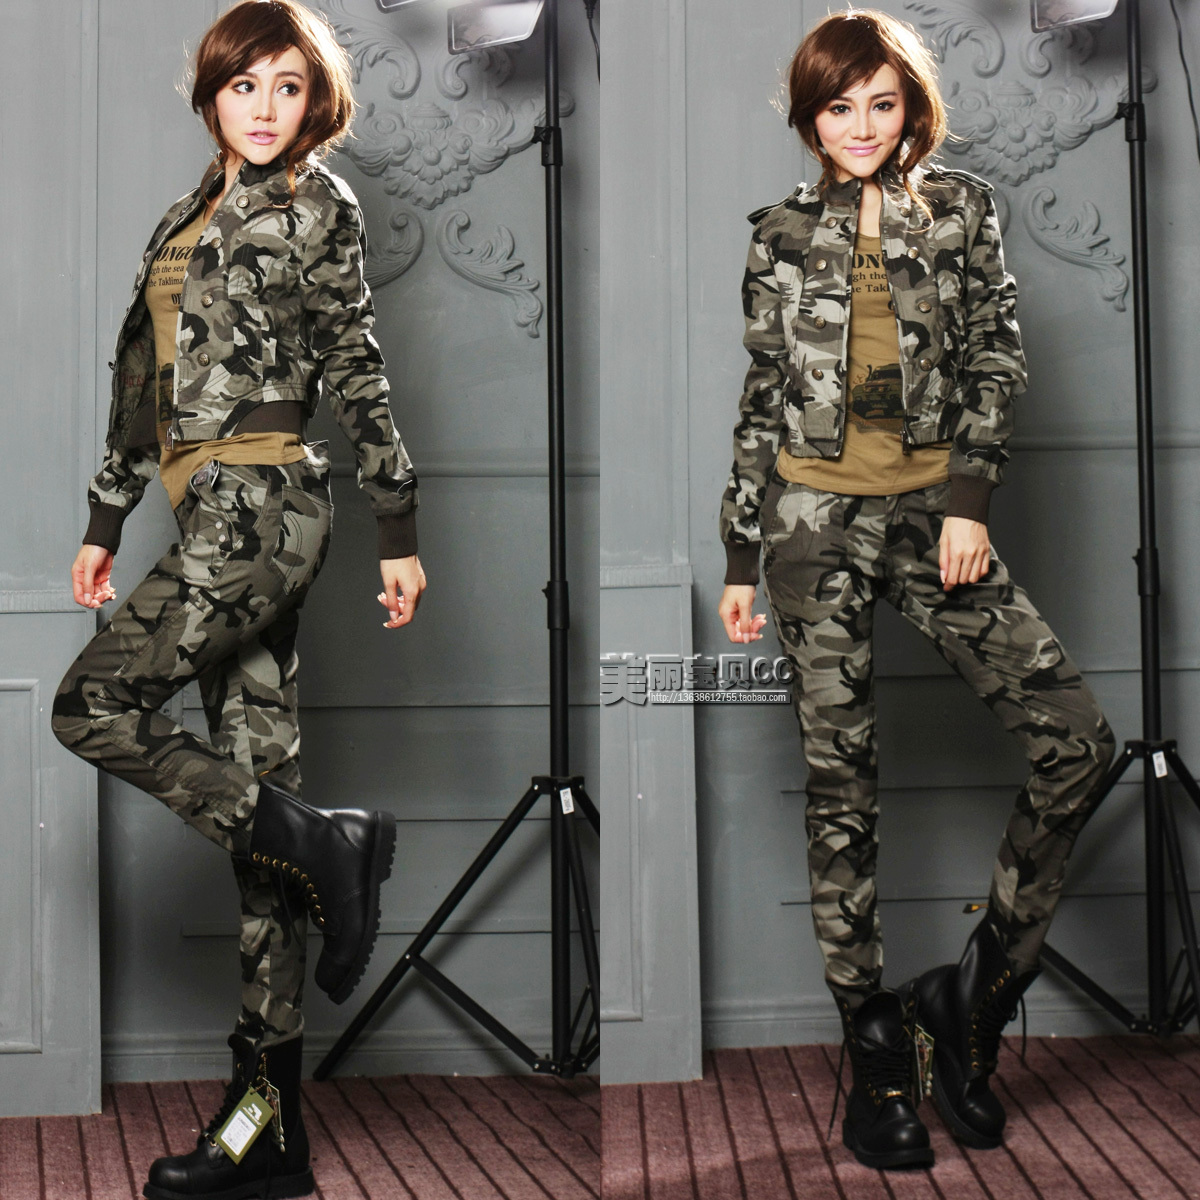 Купить Одежду Военную Женскую